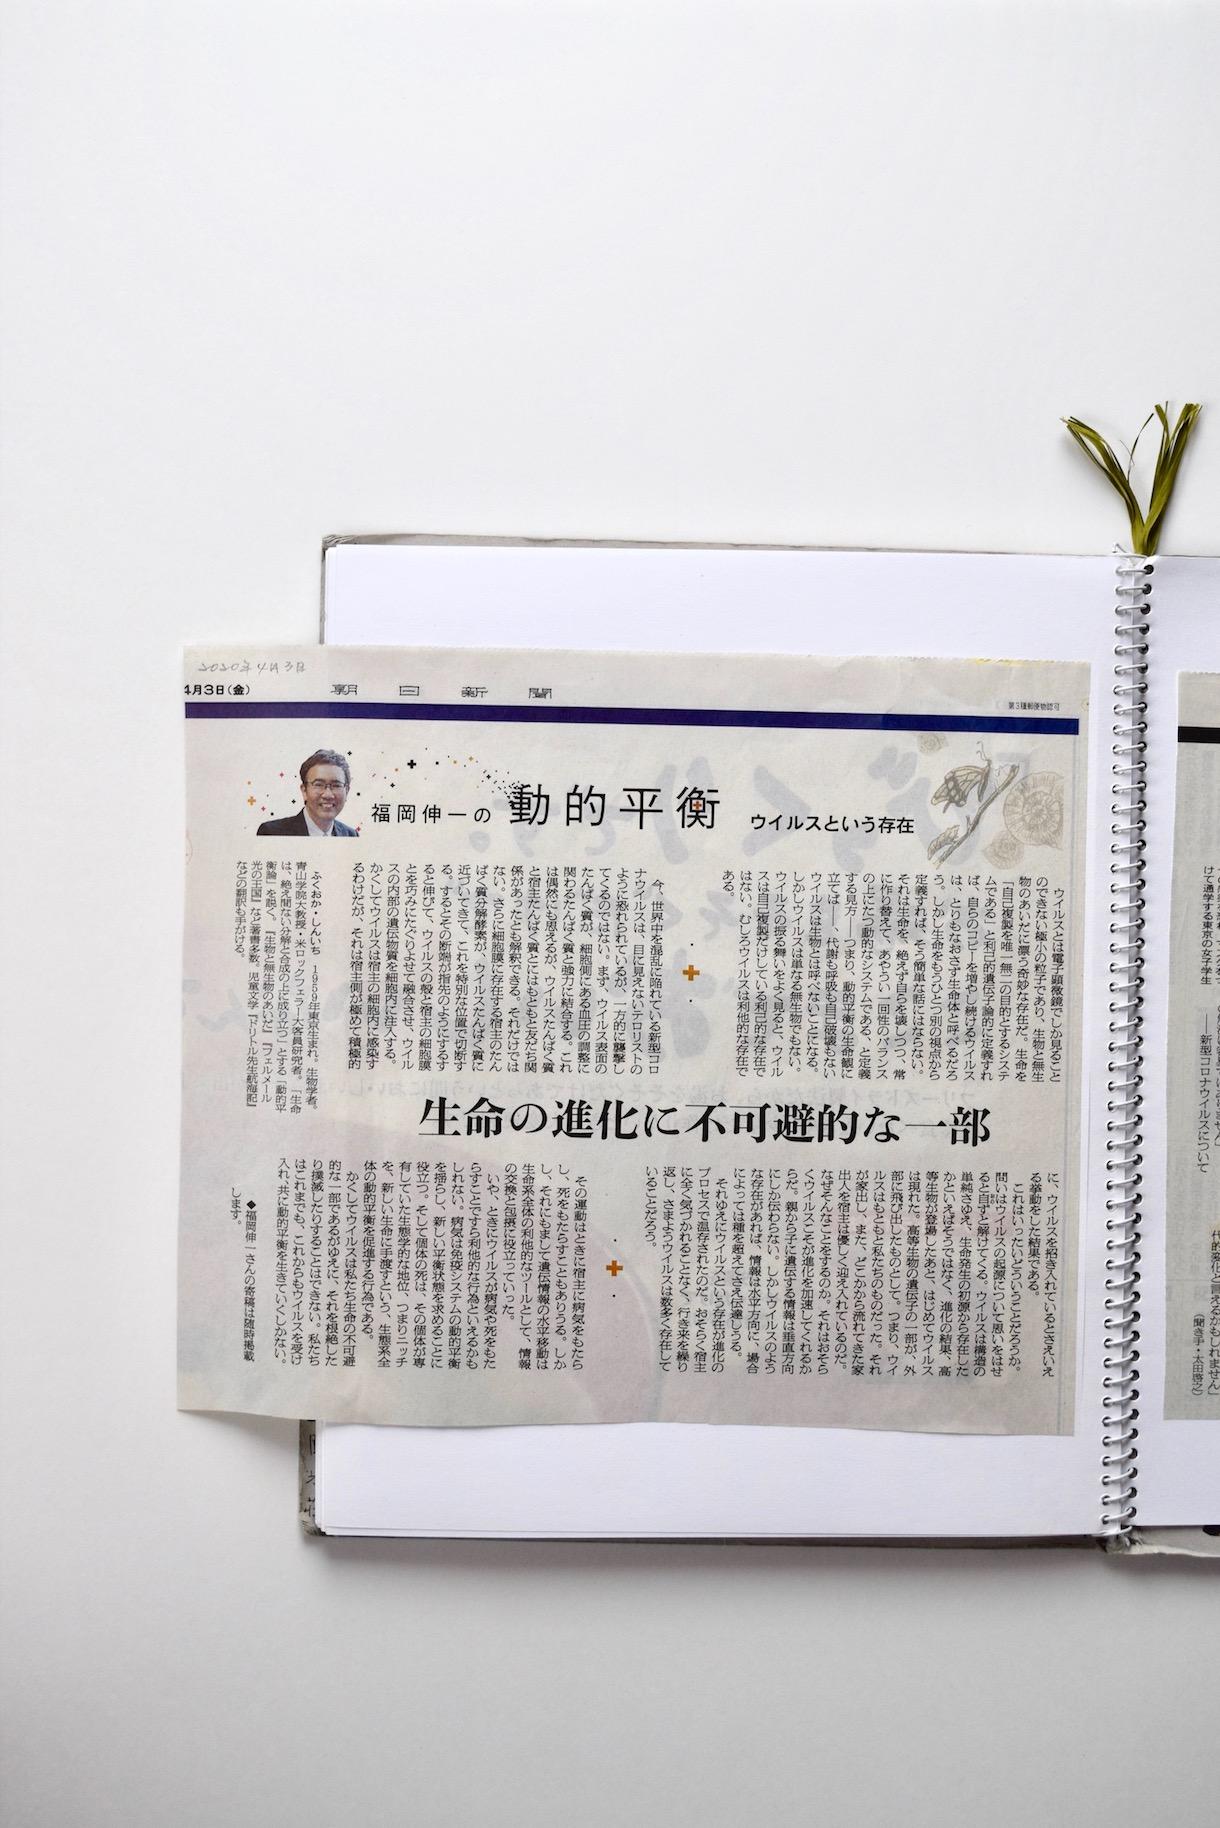 朝日新聞の福岡伸一の「動的平衡 ウイルスという存在」